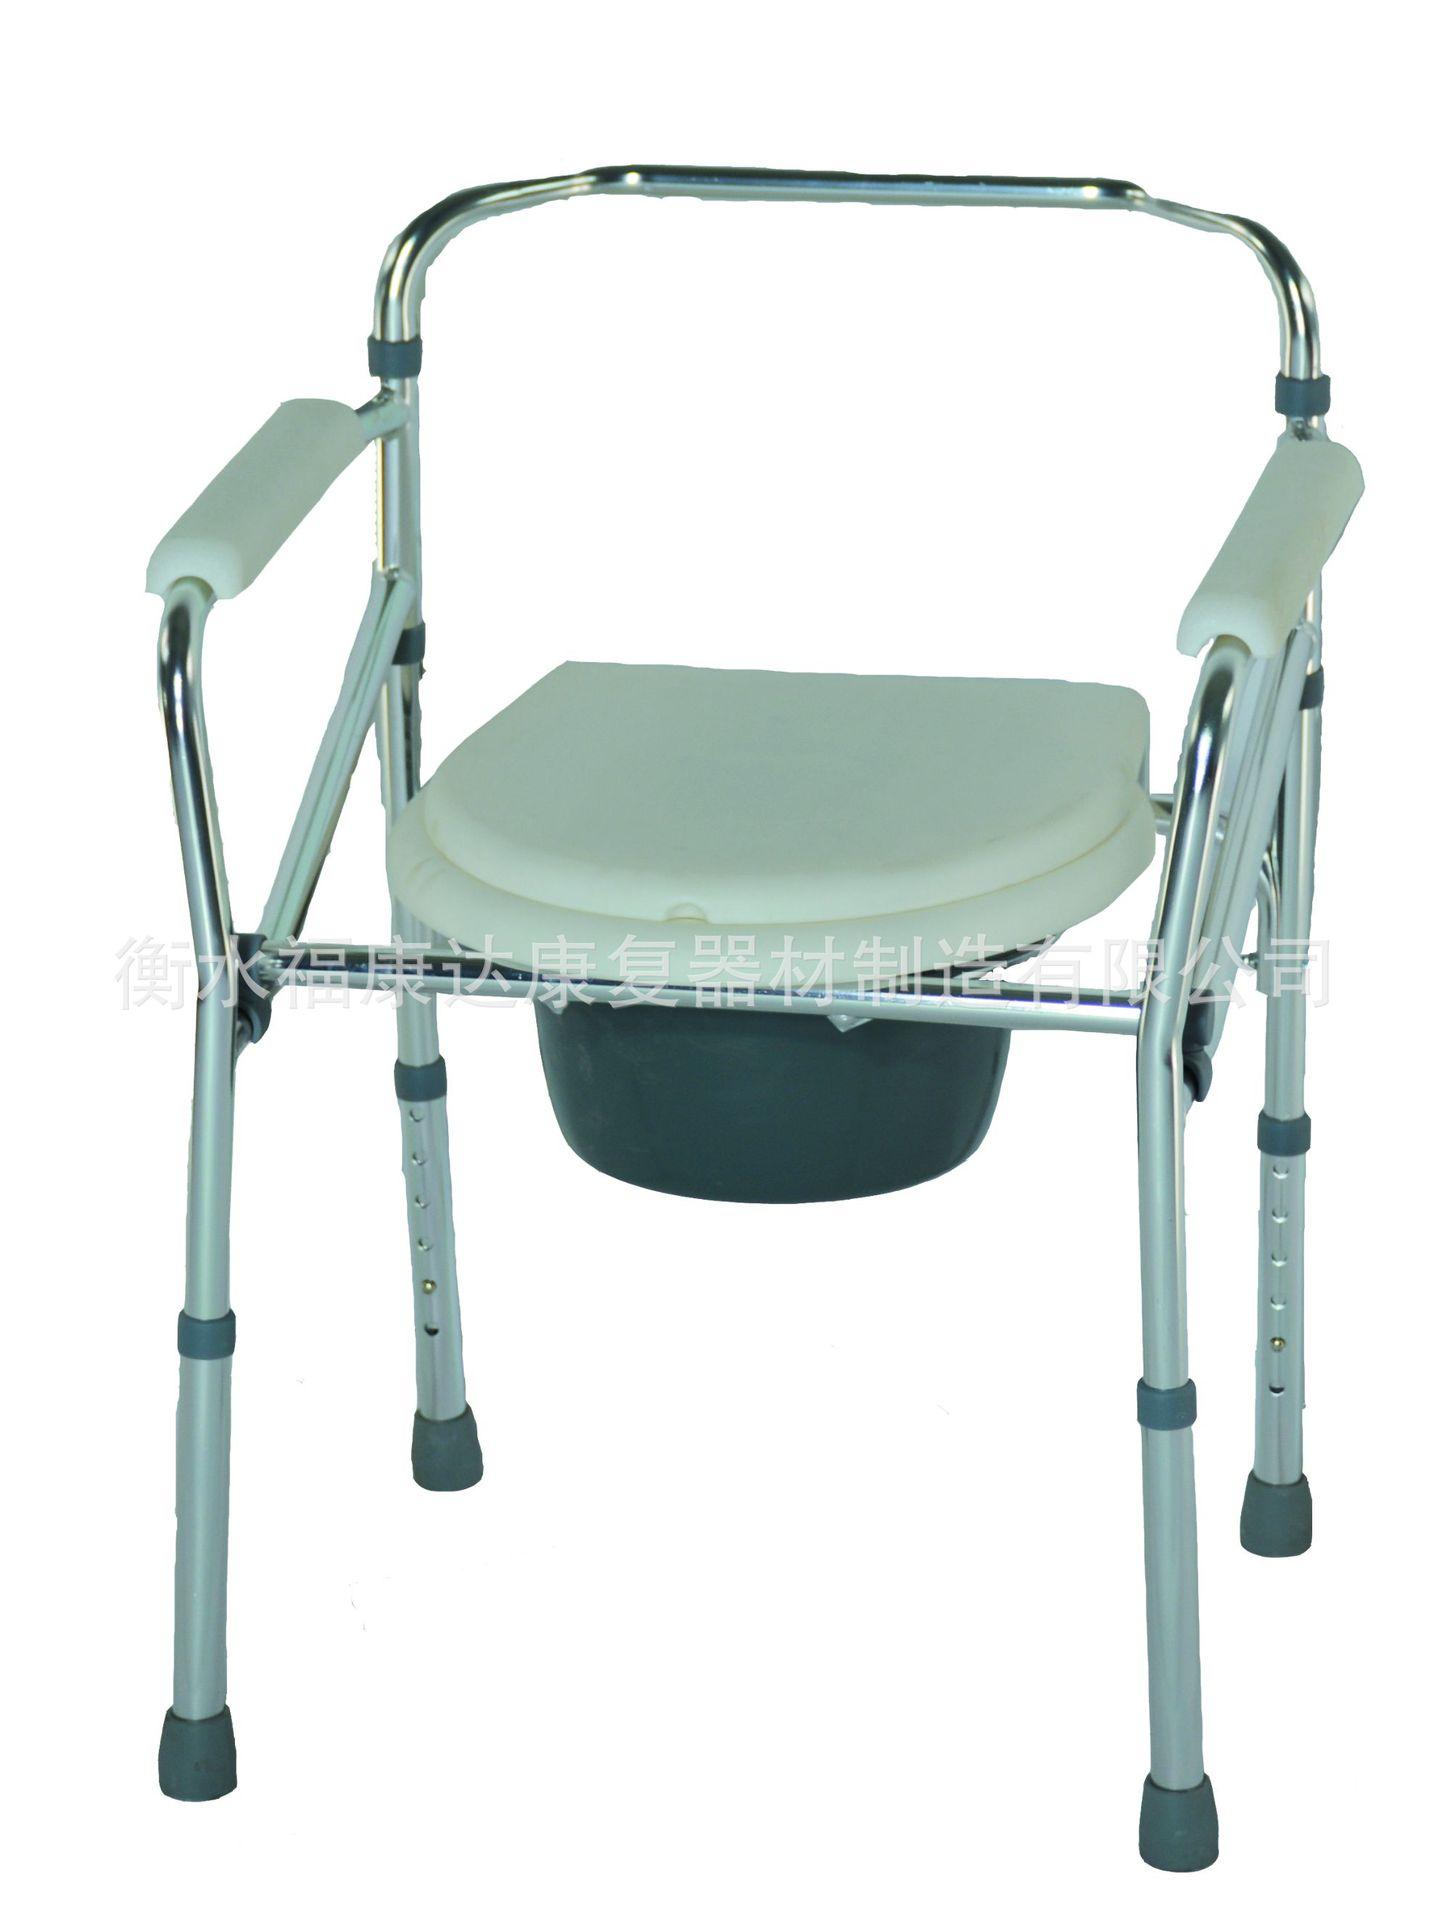 YD-FJ-D84铝合金坐便椅.jpg